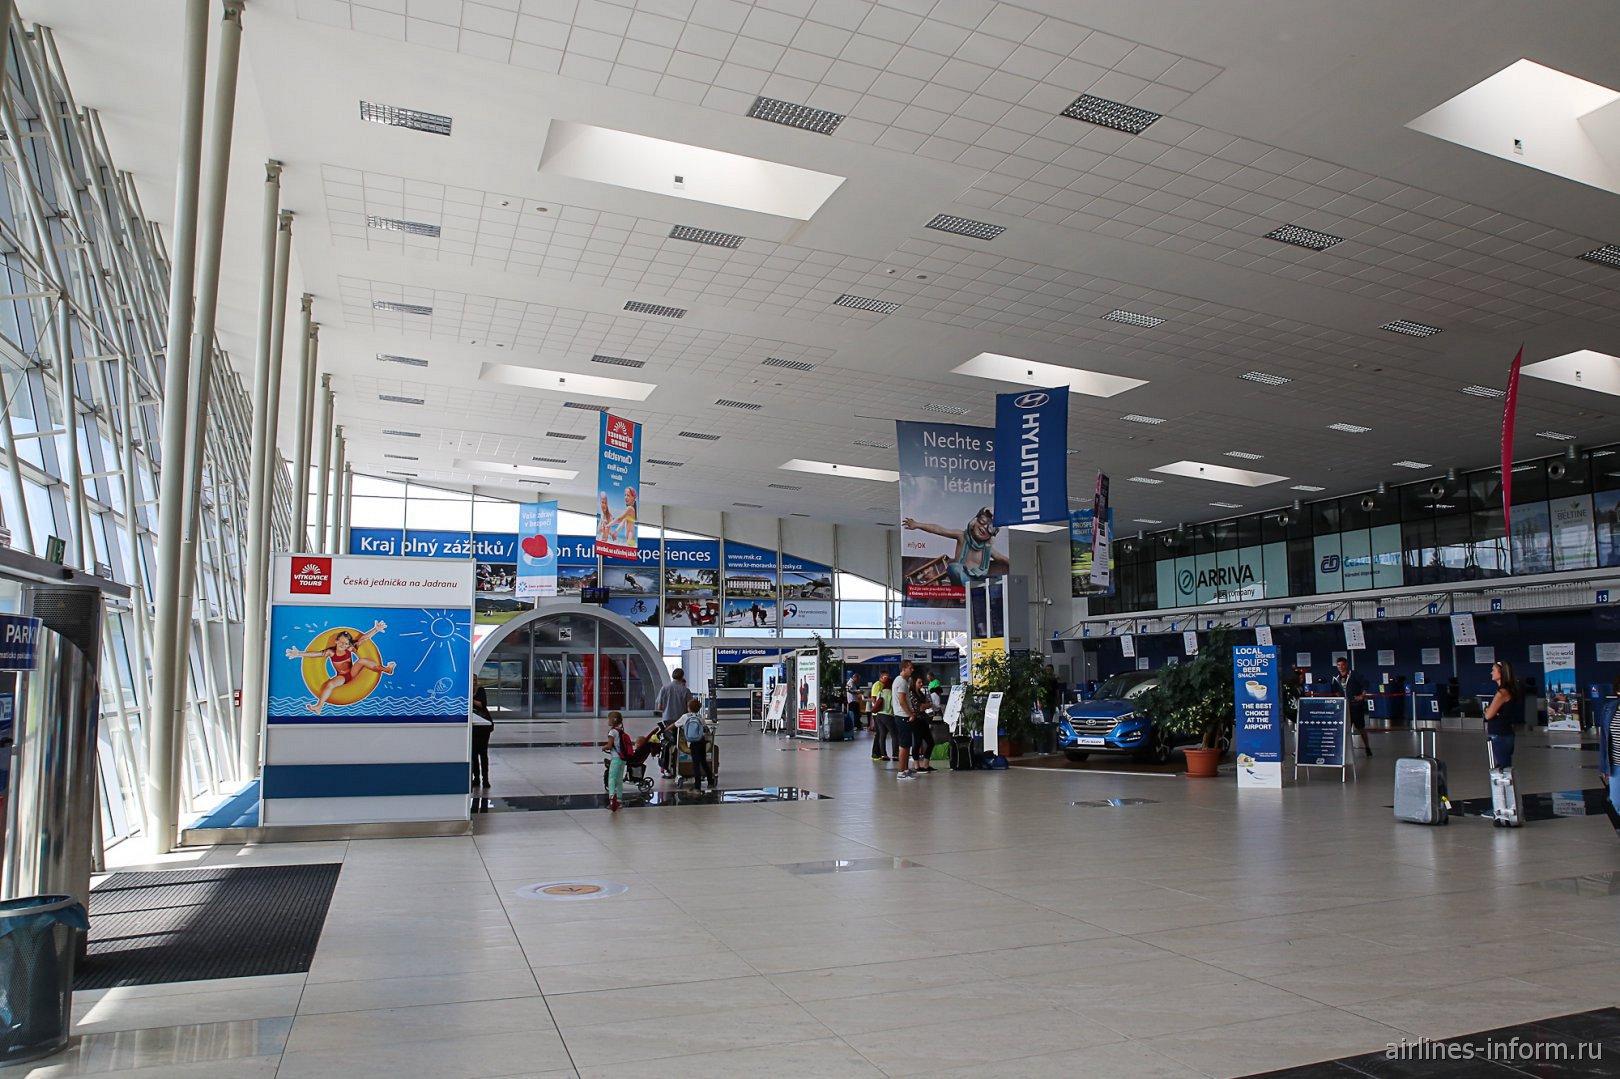 Зал вылета в аэропорту Острава Леош Яначек